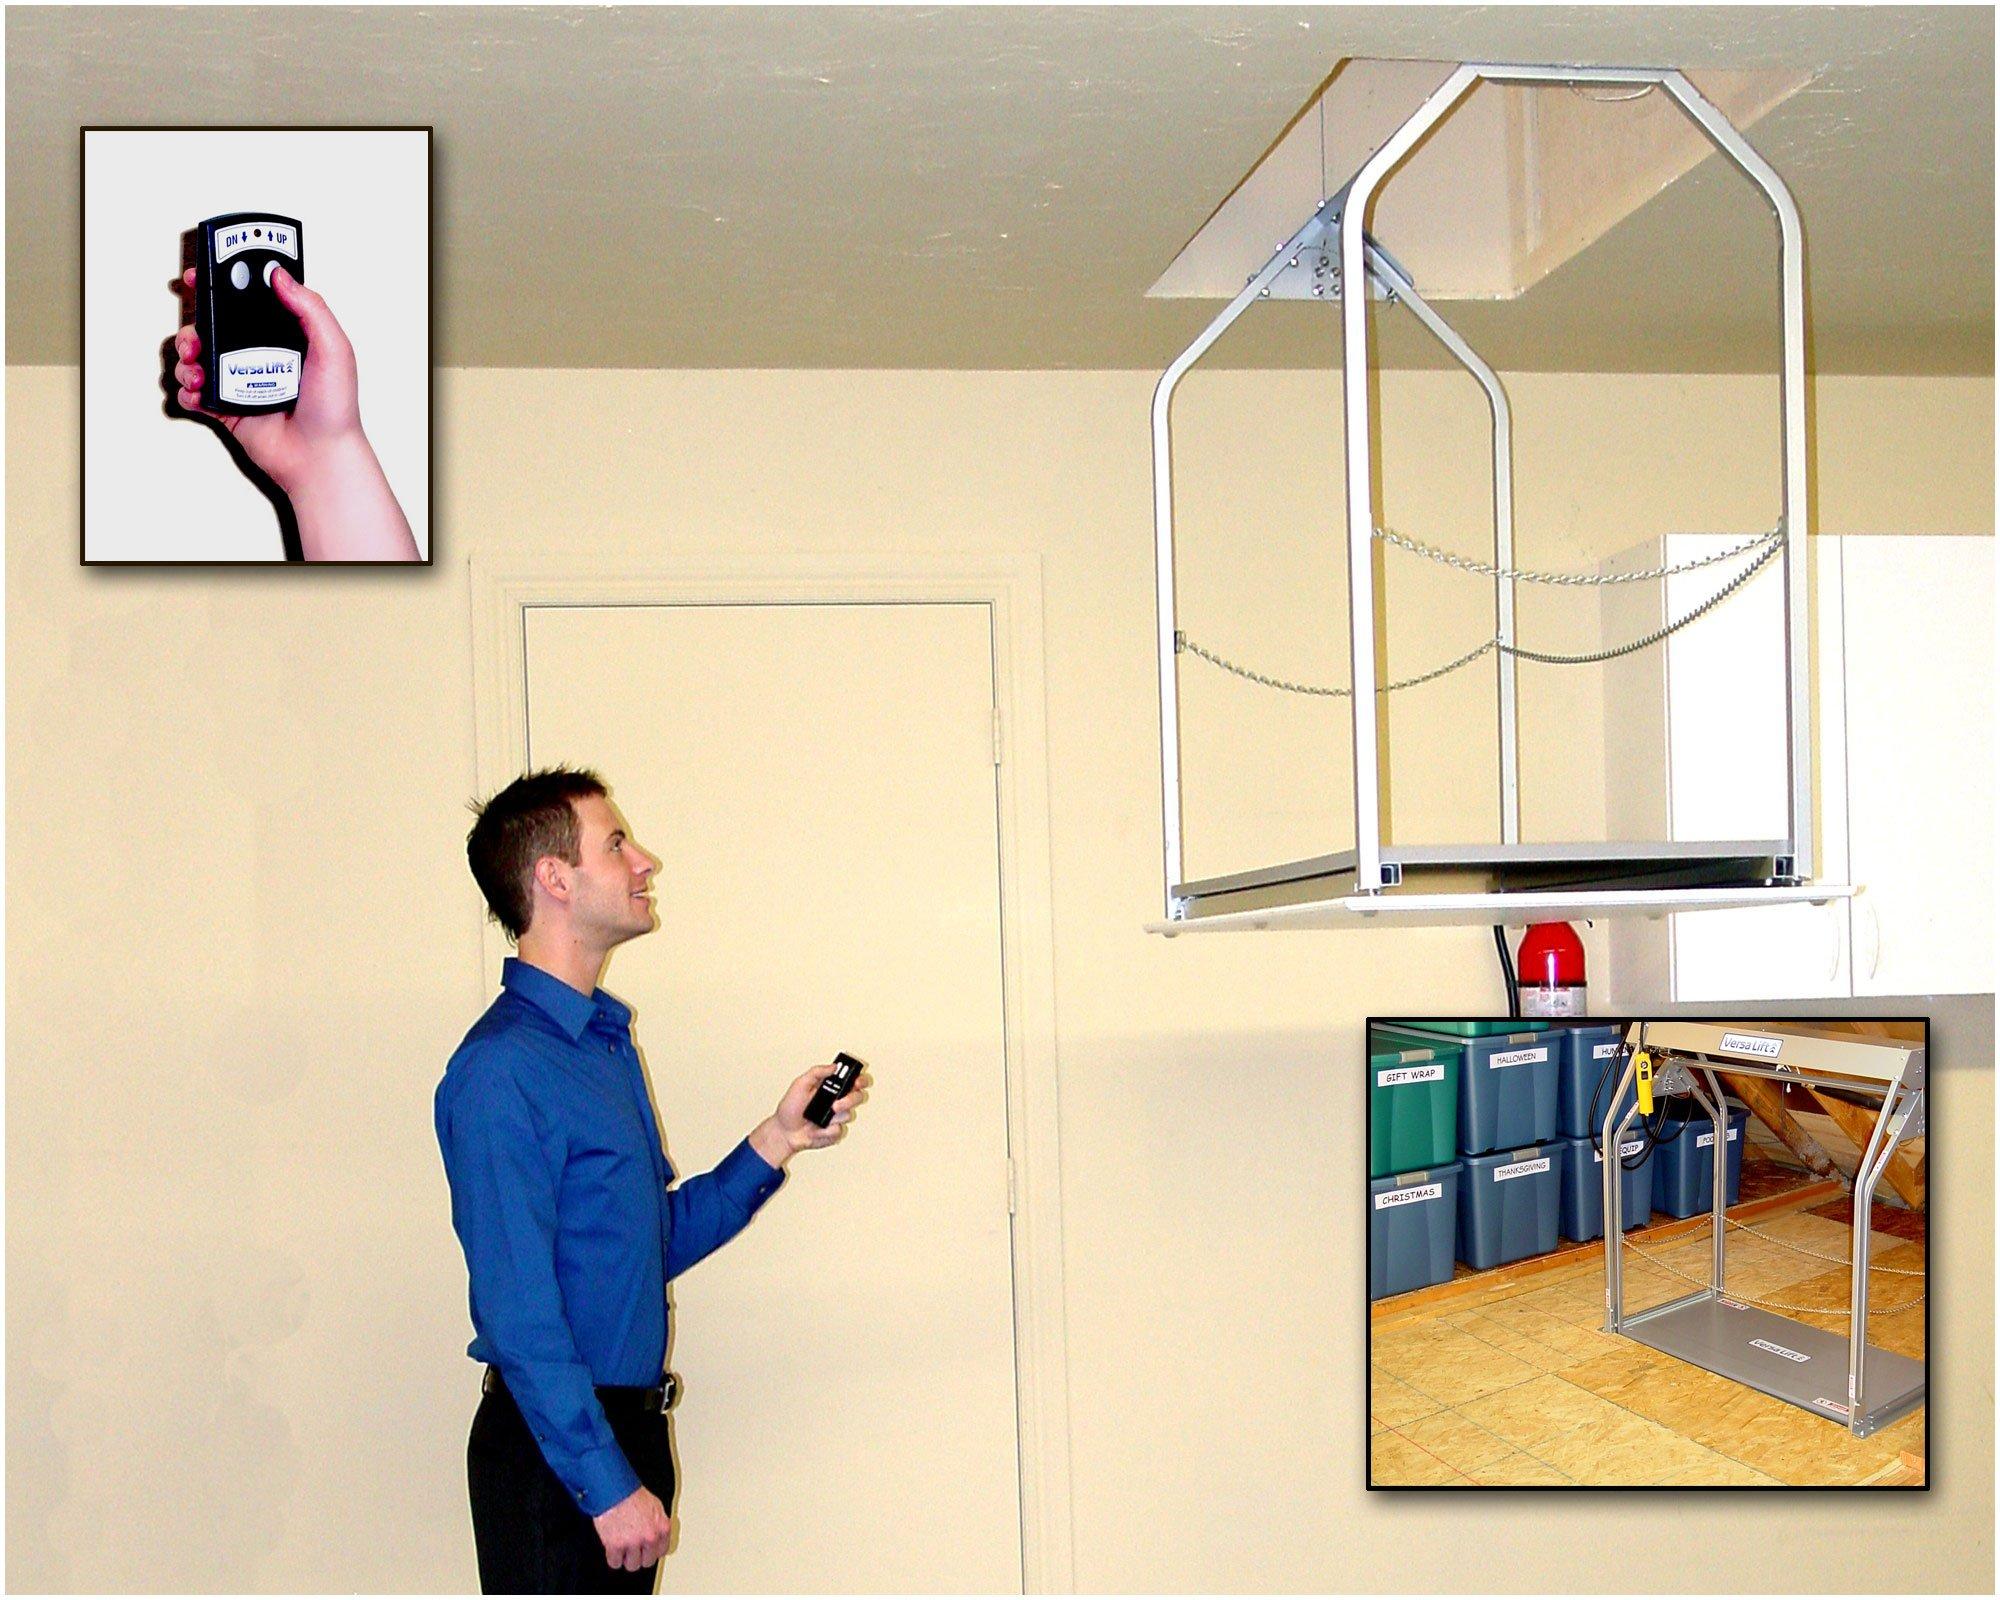 Versalift Attic Lift Model 24 WHX 14'-17' With Versa Lift Wireless Controller Attic Floor to Garage Floor Height. Versalift Load Capacity 200 Lbs.